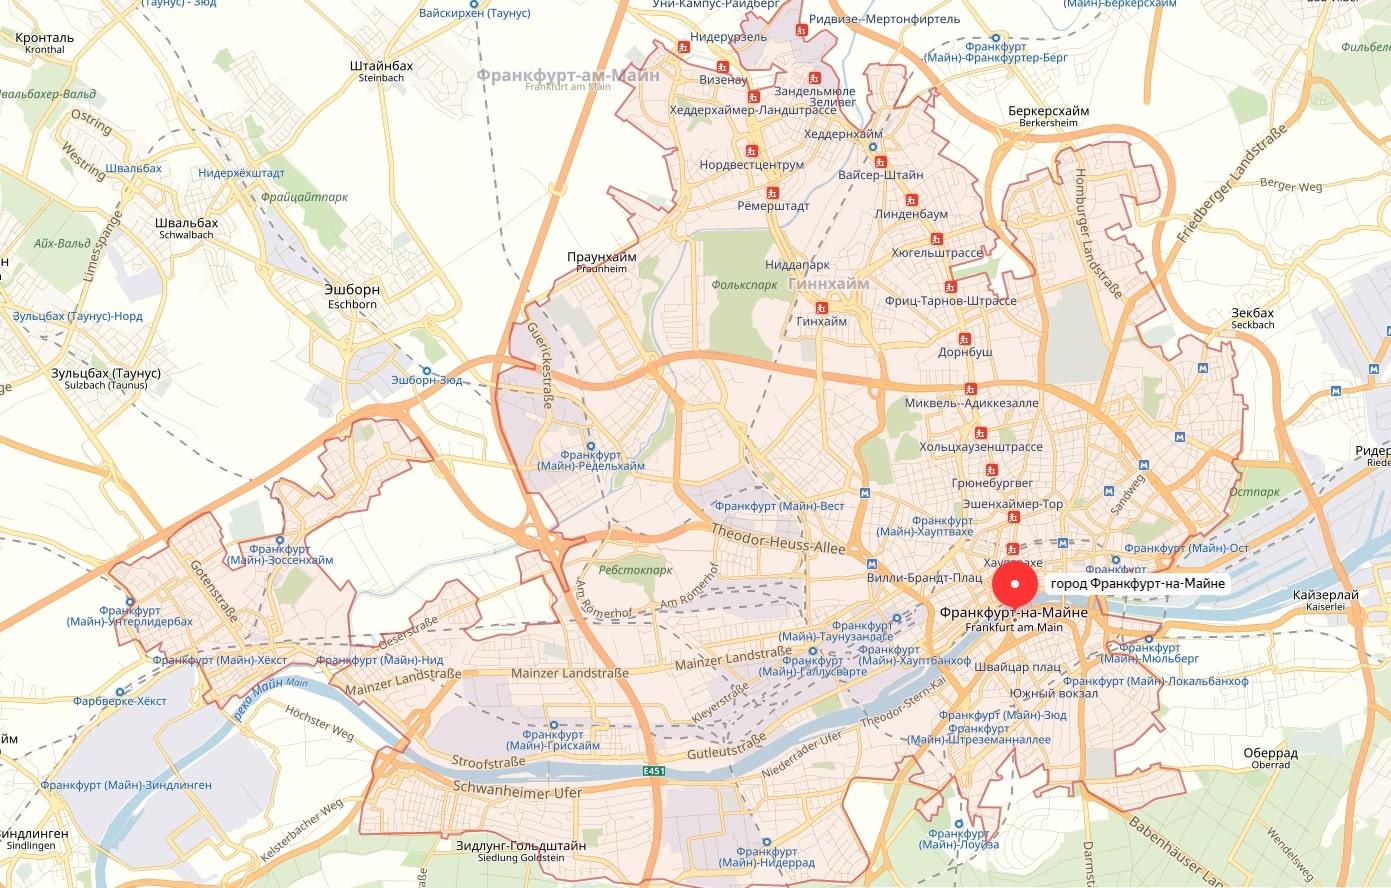 Карта Франкфурта-на-Майне